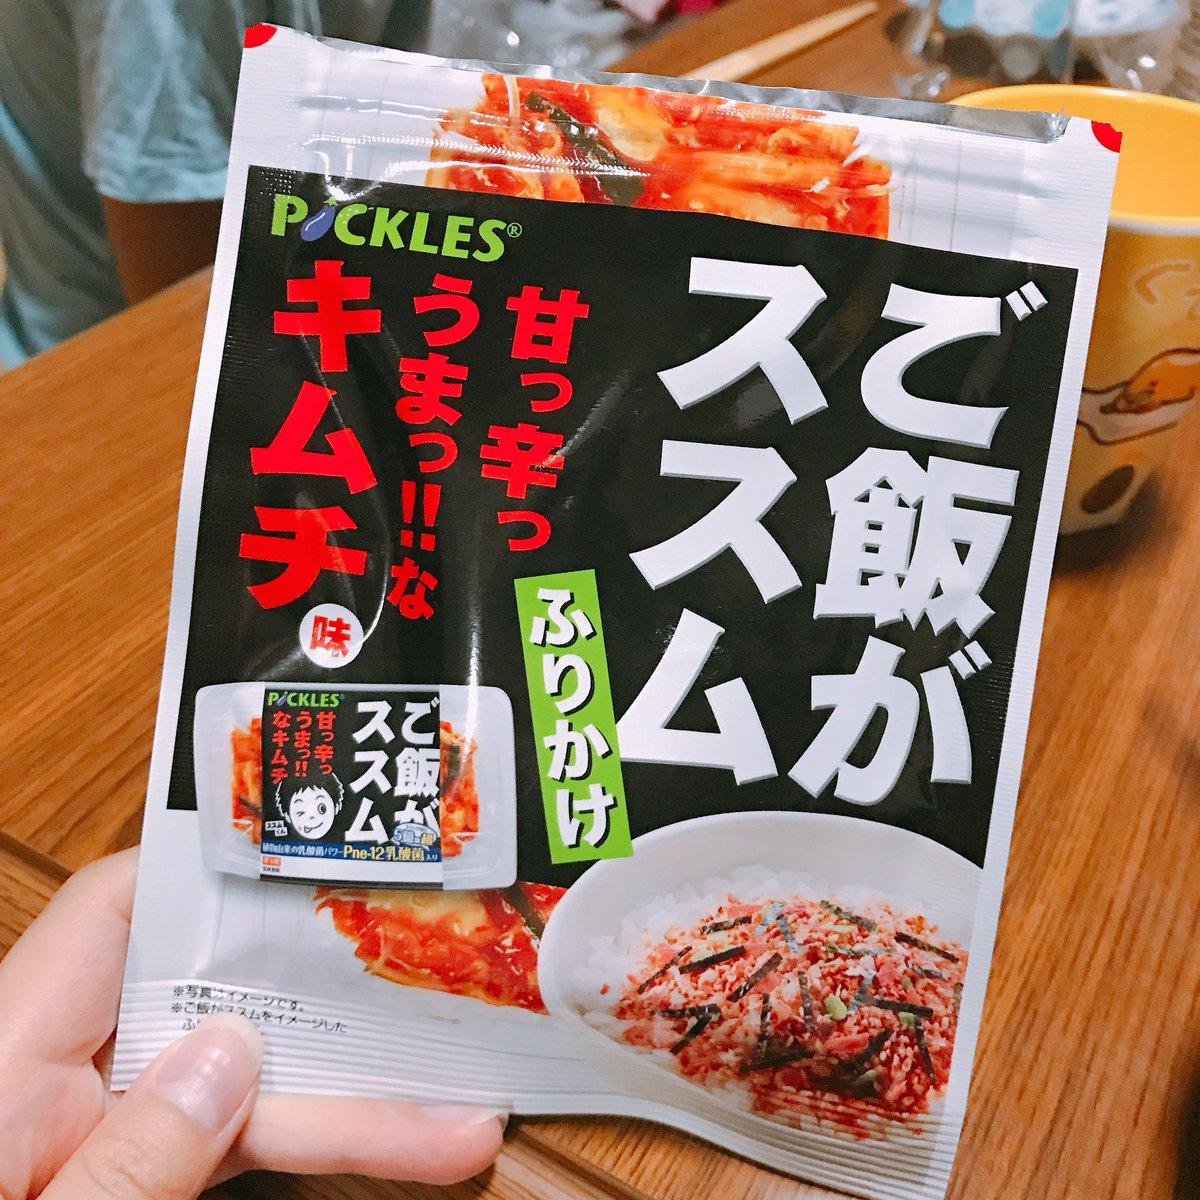 test ツイッターメディア - めちゃくちゃ美味しい???? #DAISO #ダイソー https://t.co/ltpcaRQpfu